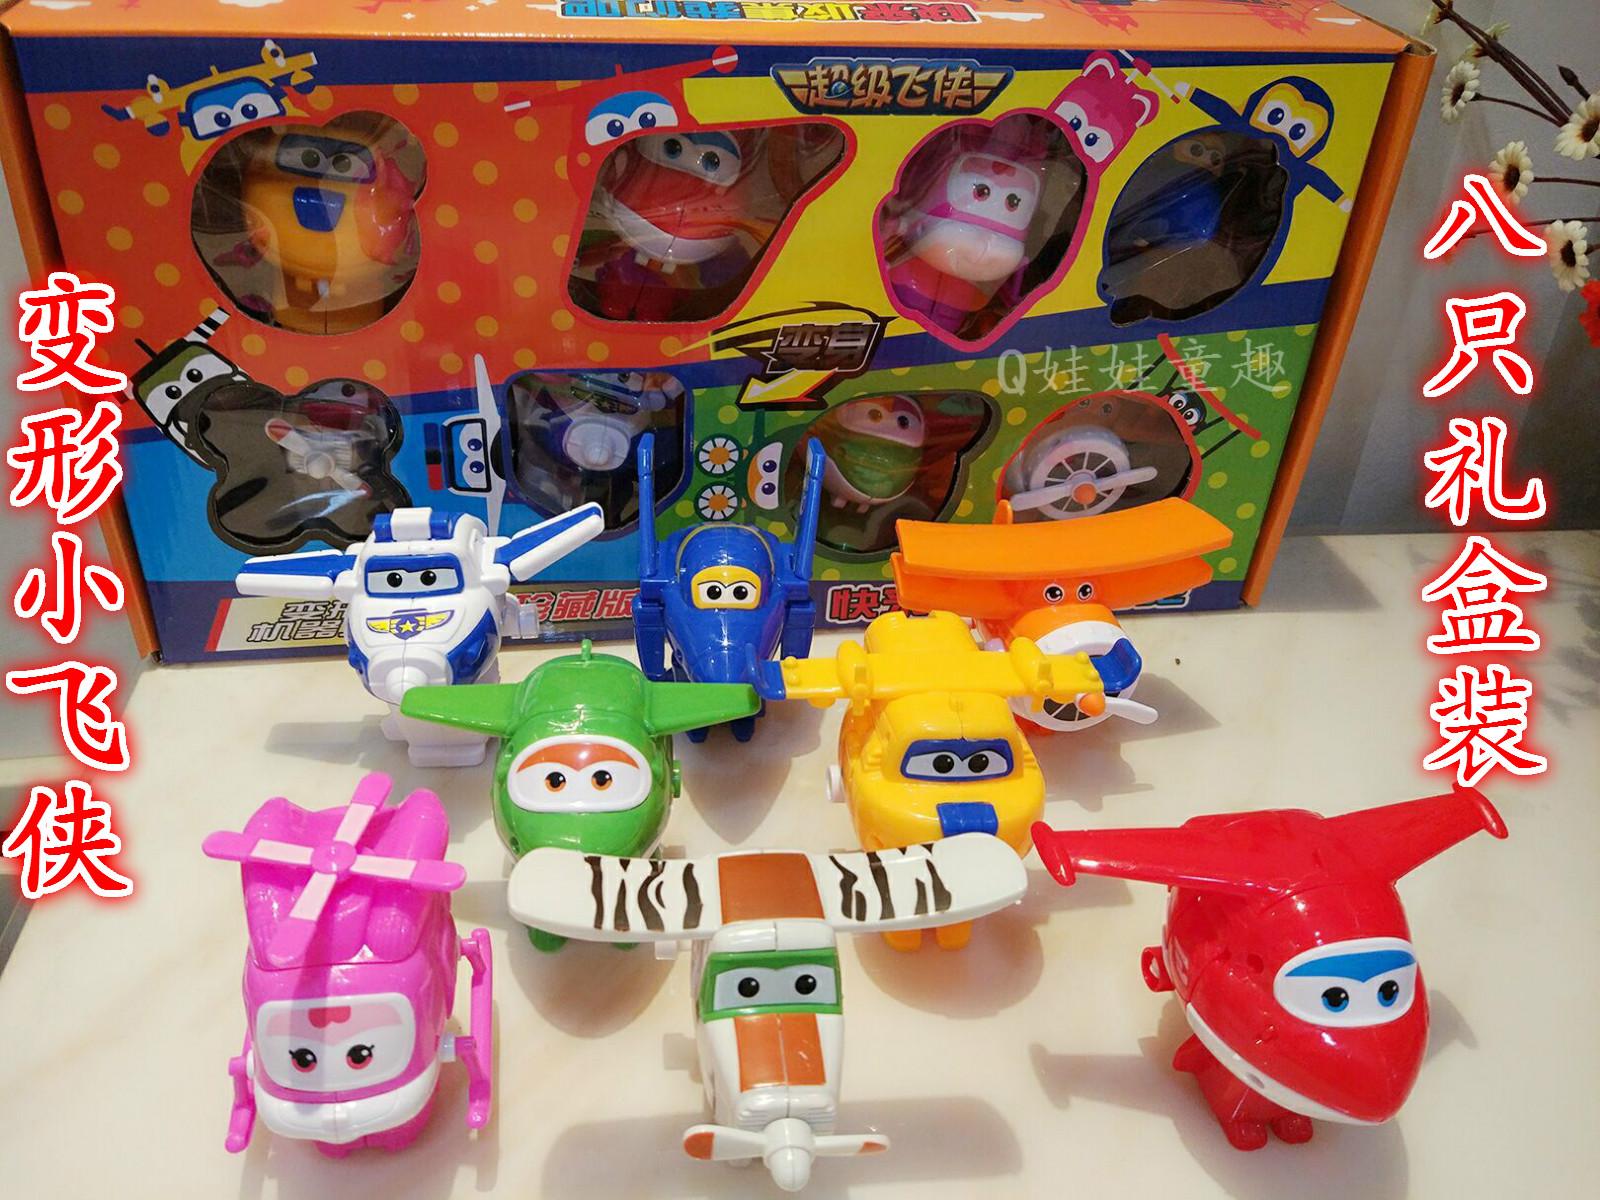 Le di die lieben Kleinen dapeng super McFly spielzeug Pippi - zug Elwin mini - trompete das ganze Reihe